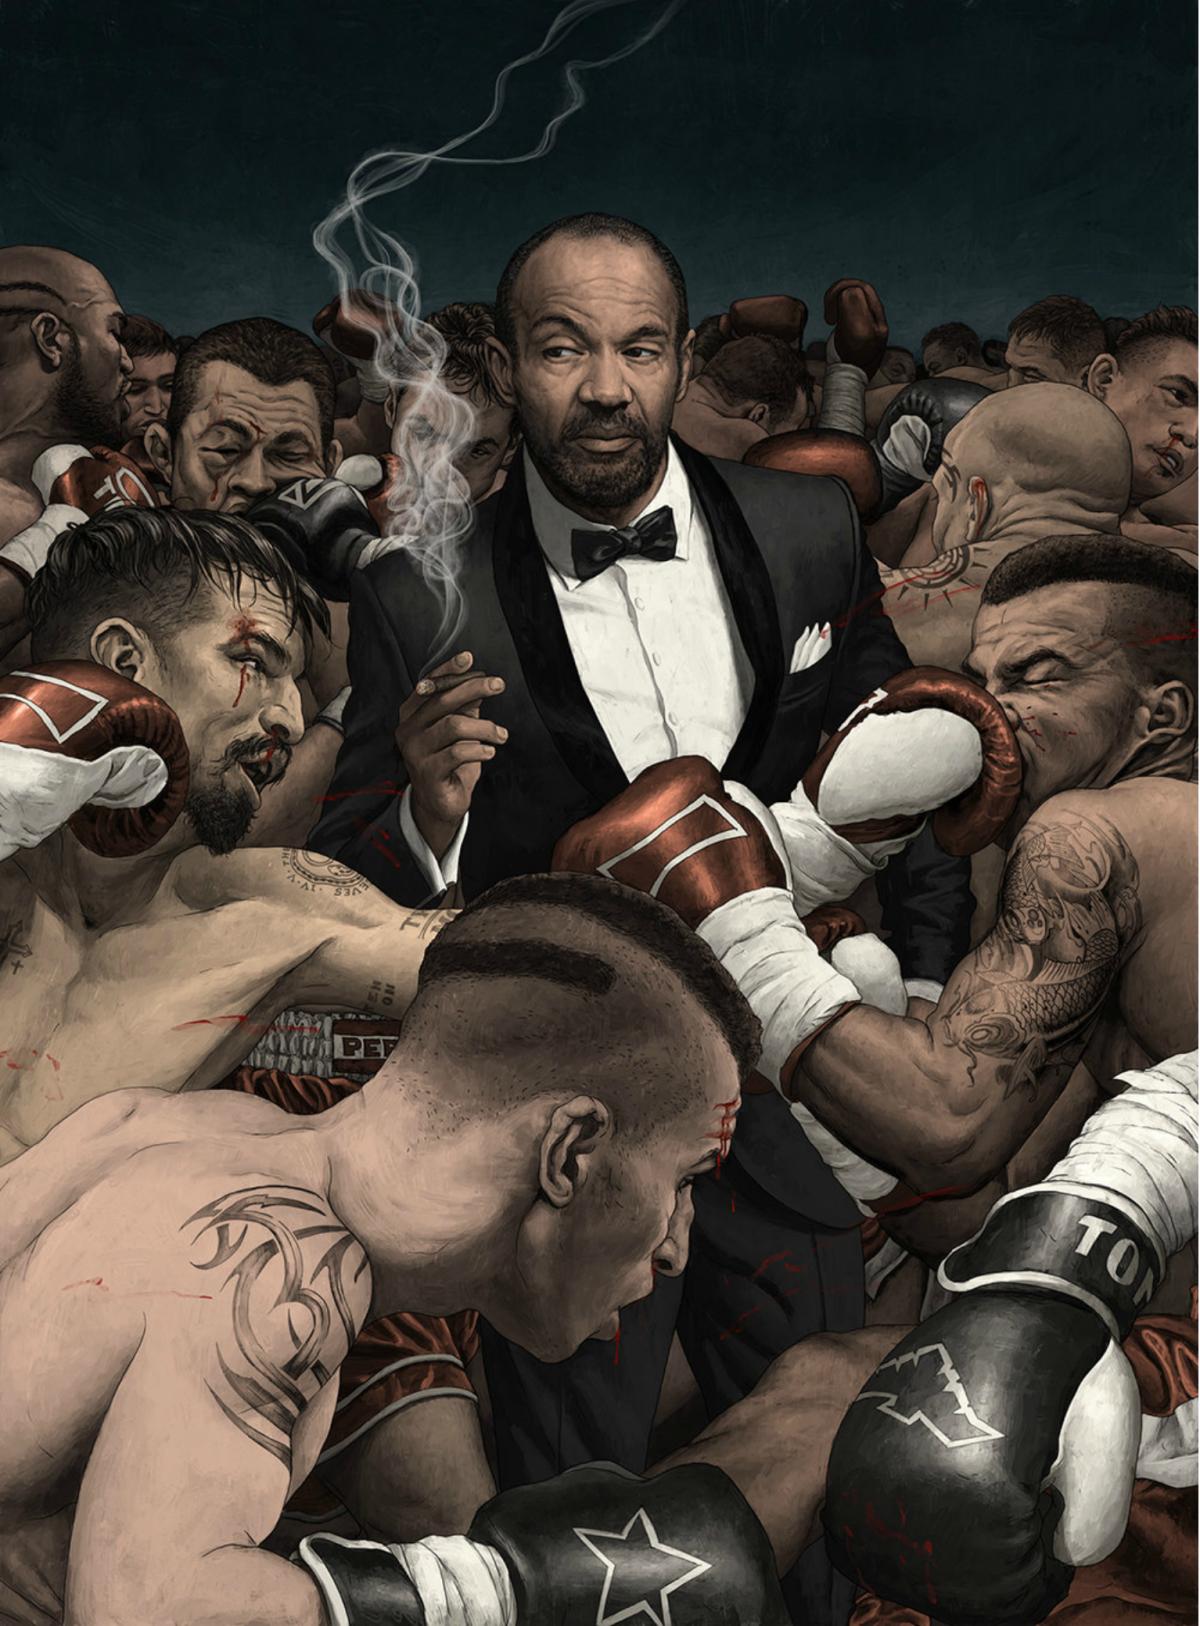 Impressive Illustrations by Rory Kurtz